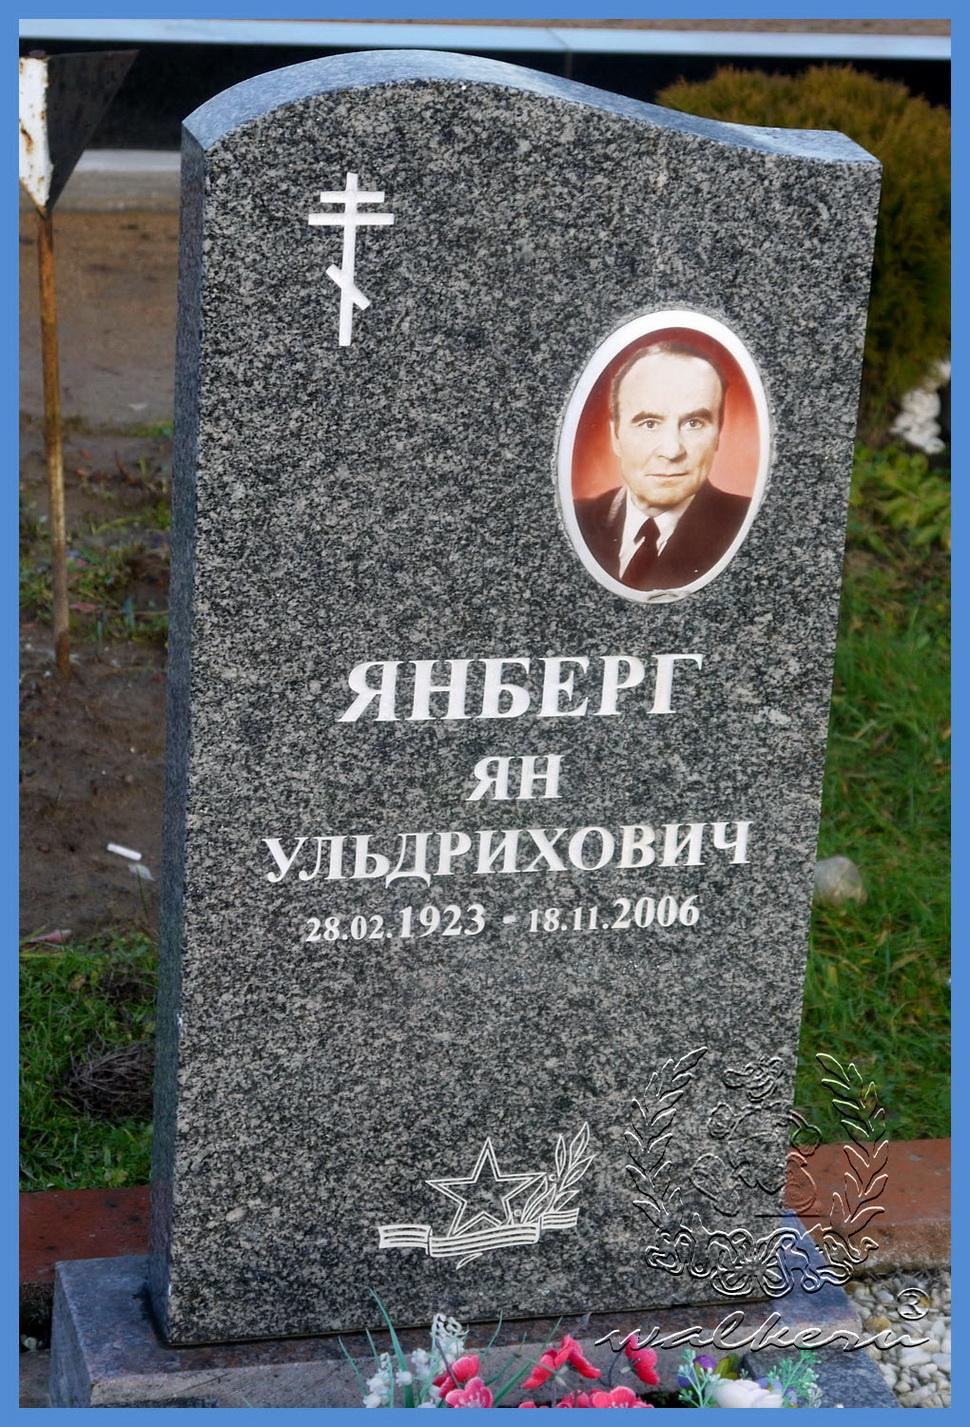 Янберг Ян Ульрихович